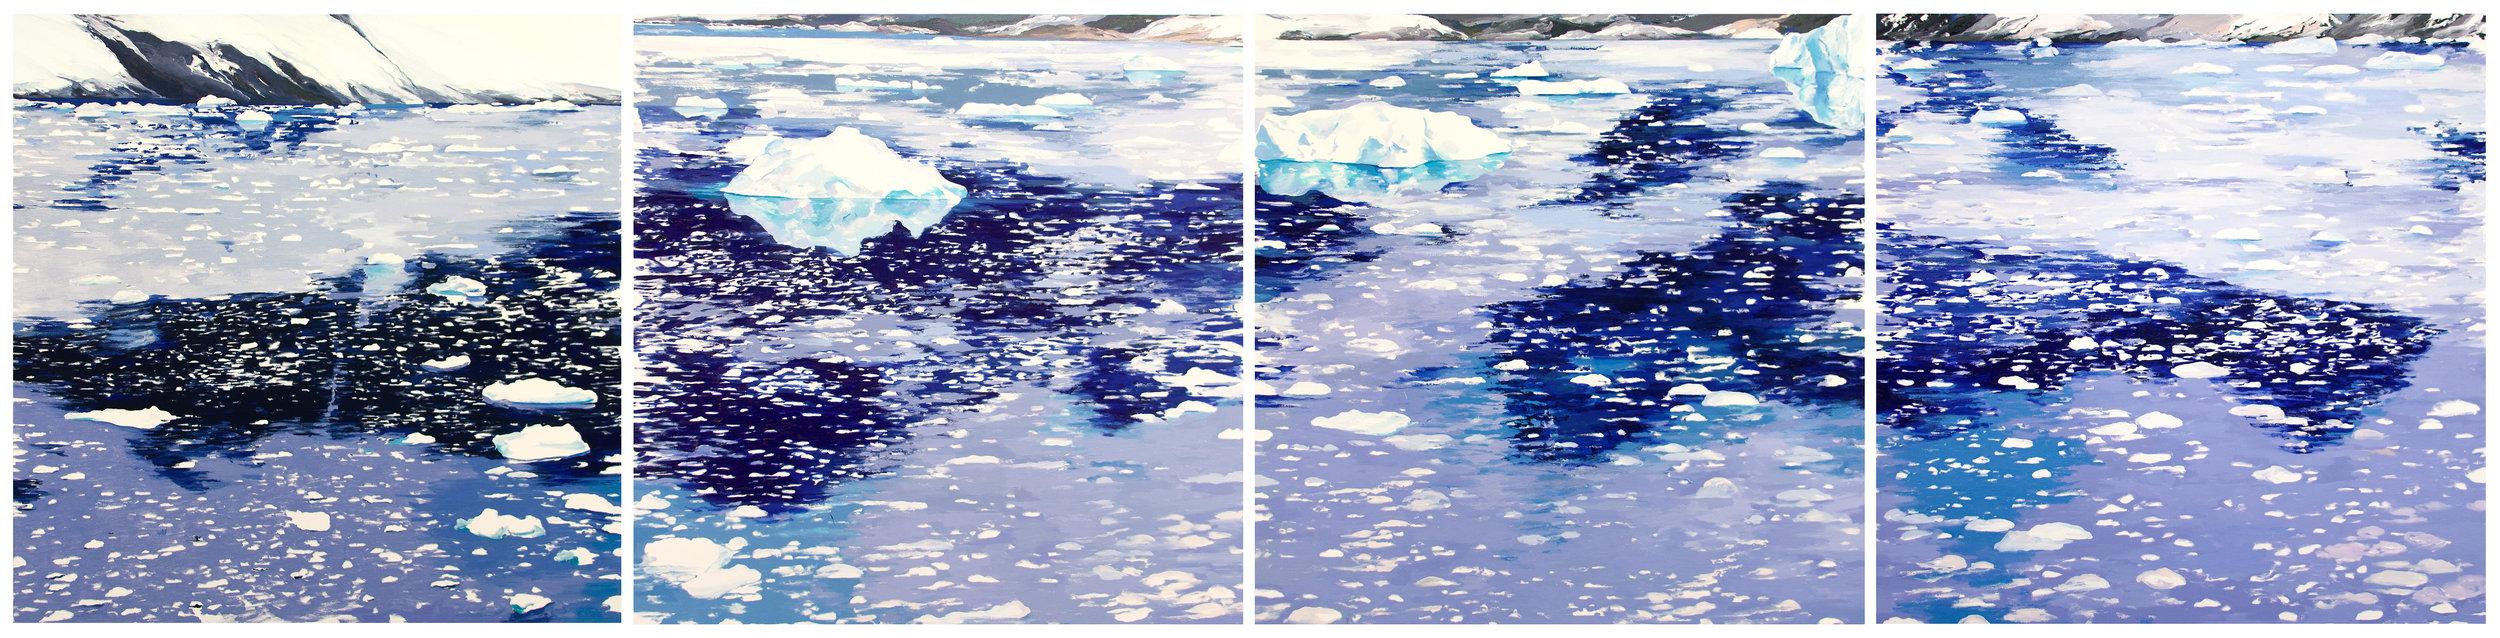 Antarctica Quartet, May-July 2013